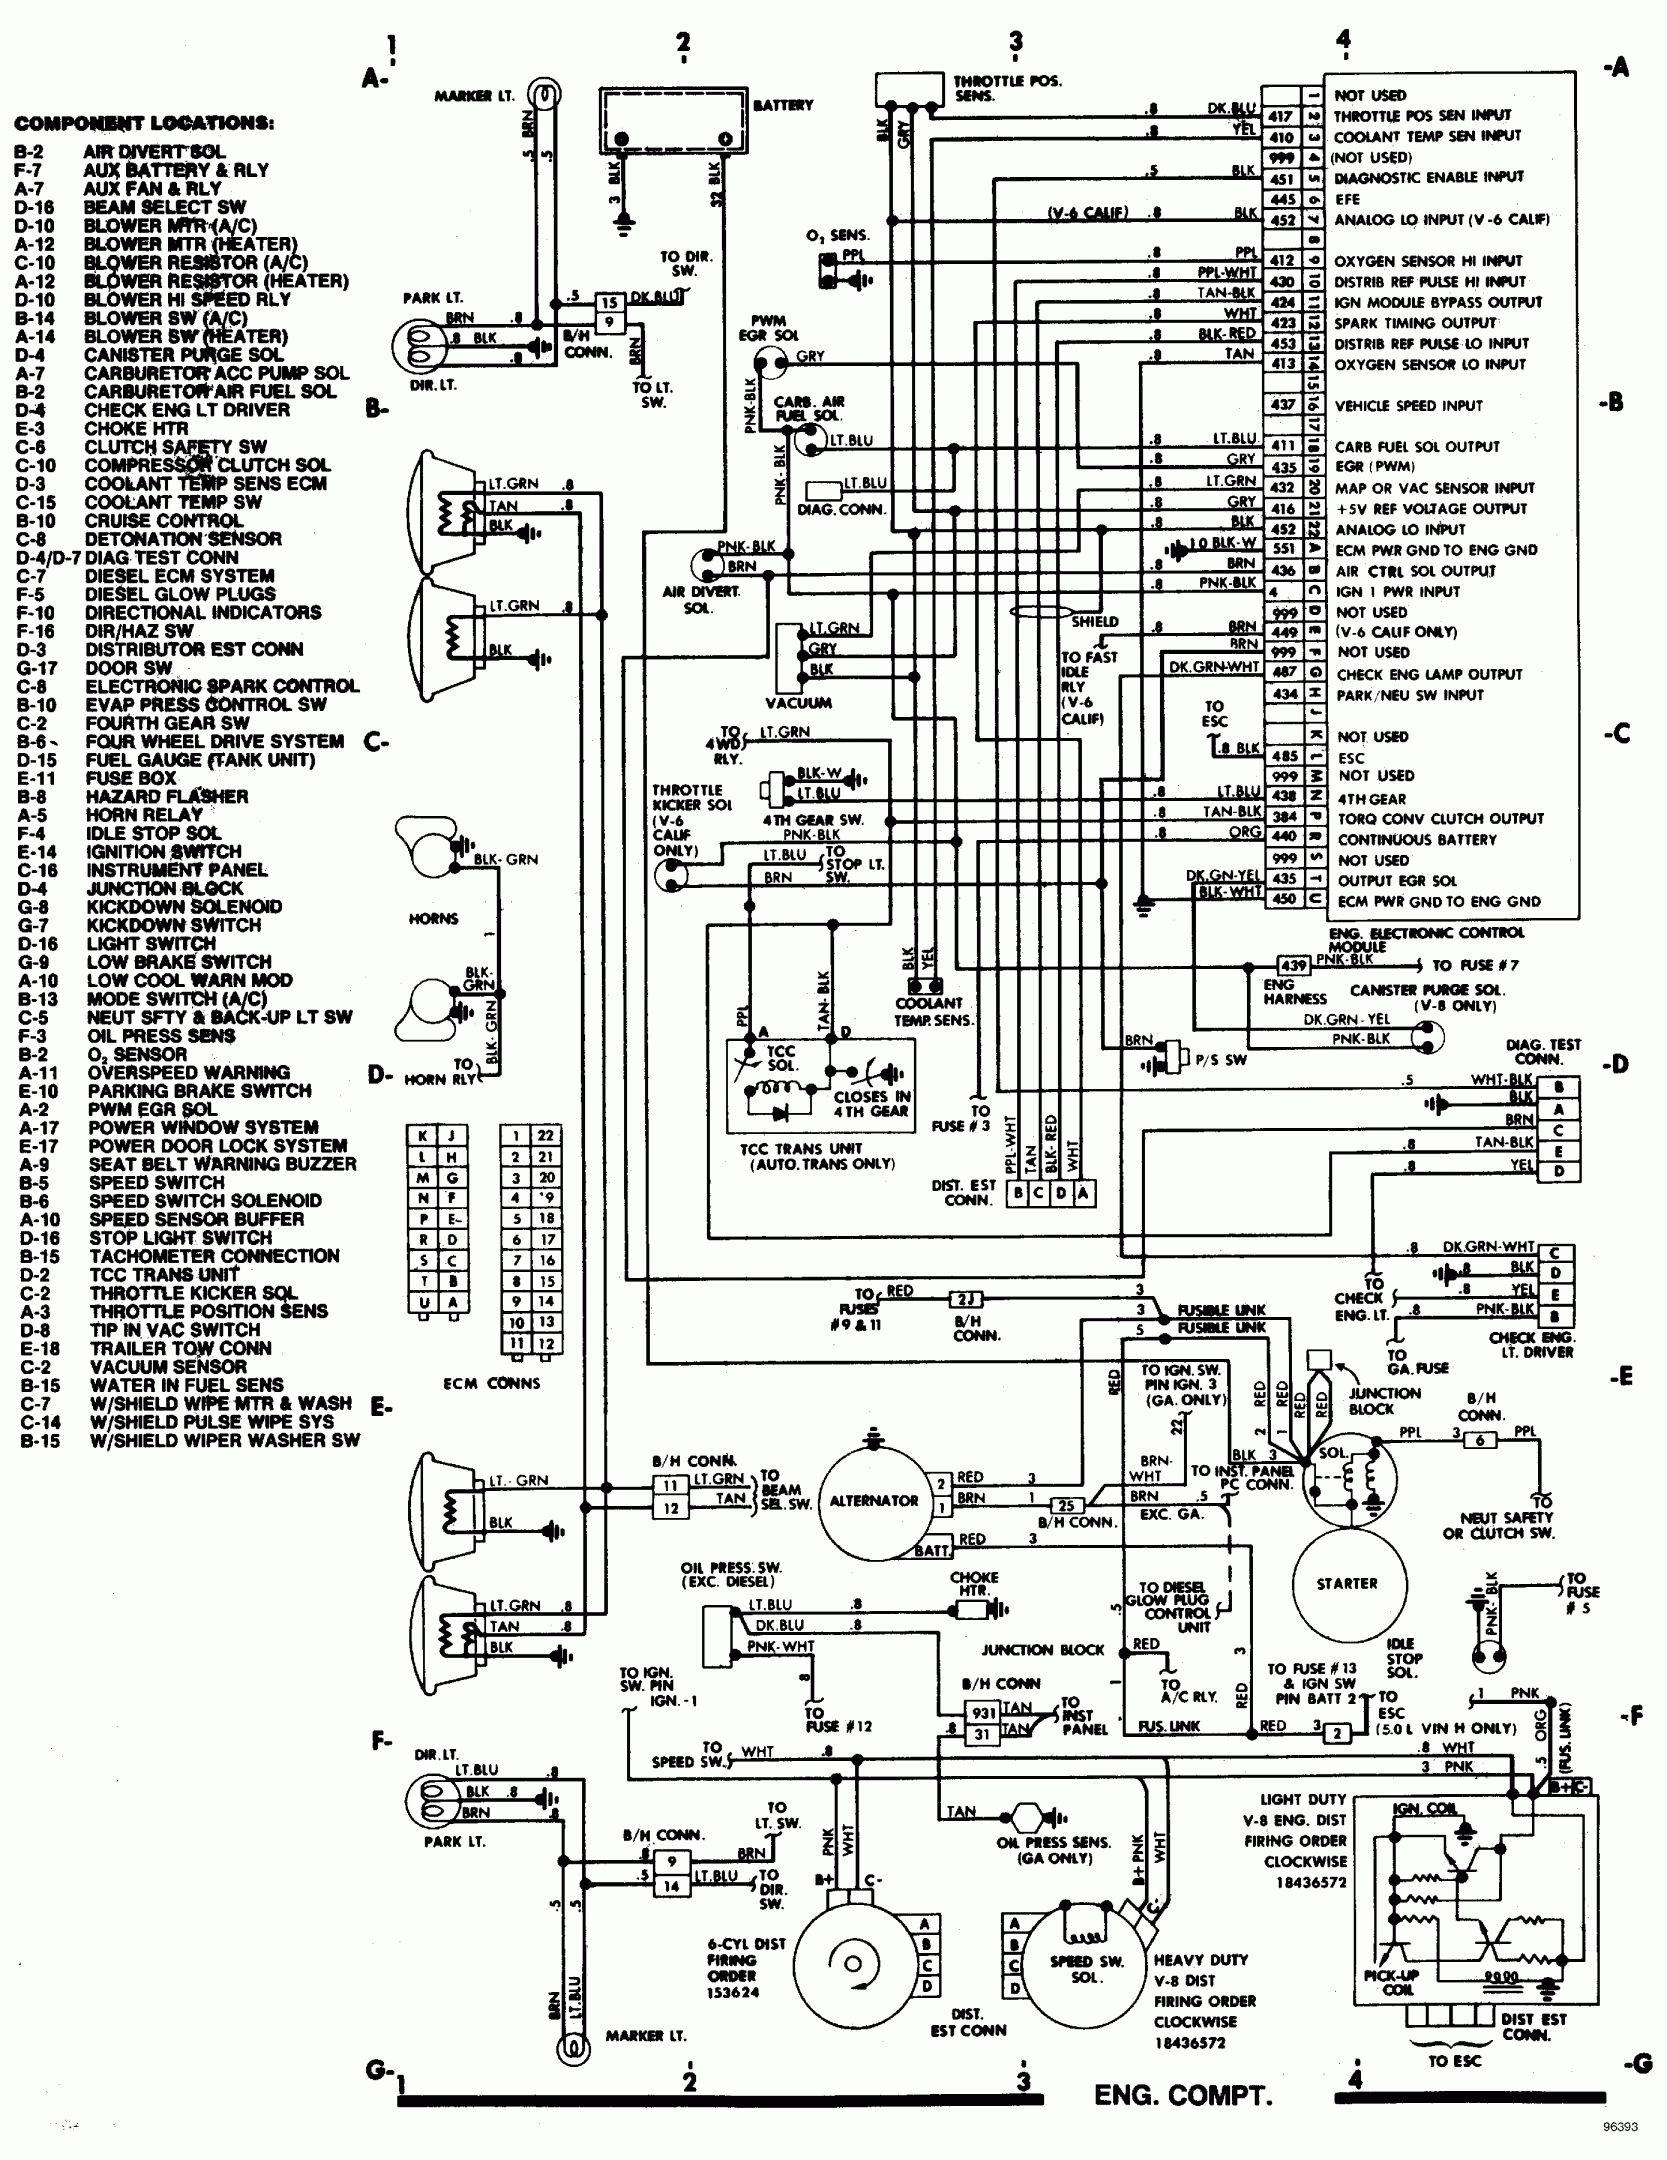 16 Dodge Truck Wiring Diagram